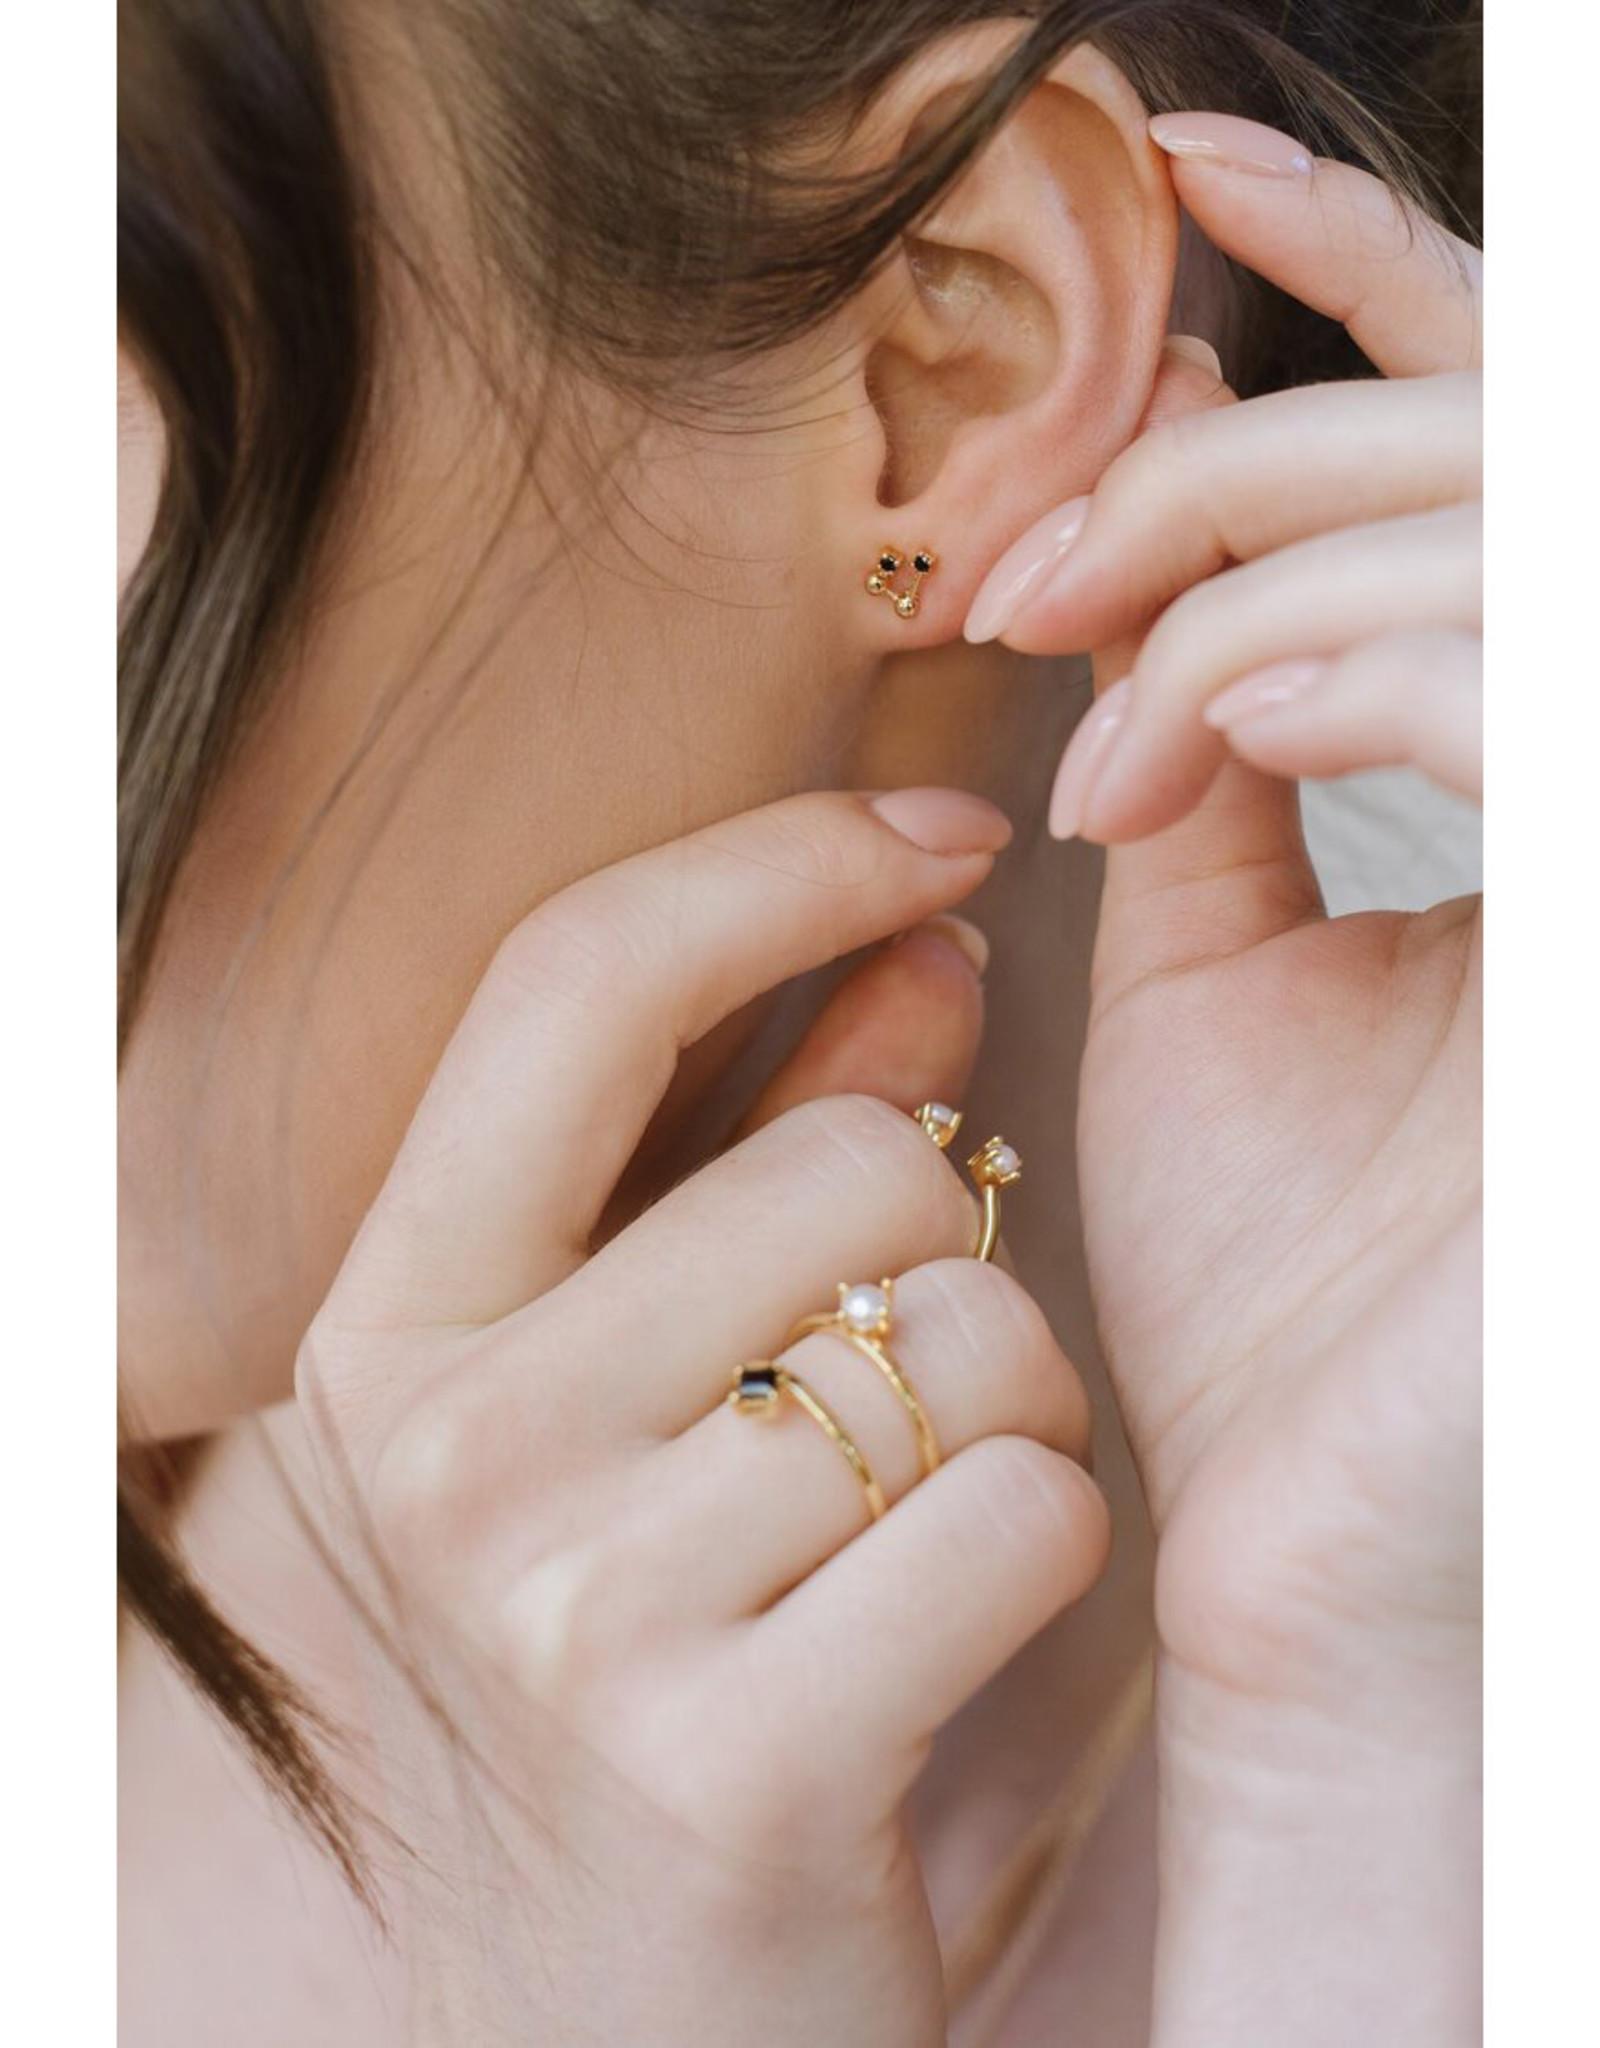 Sarah Mulder Jewelry Gold Cassie Ring - Rose Quartz + Pearl - 6